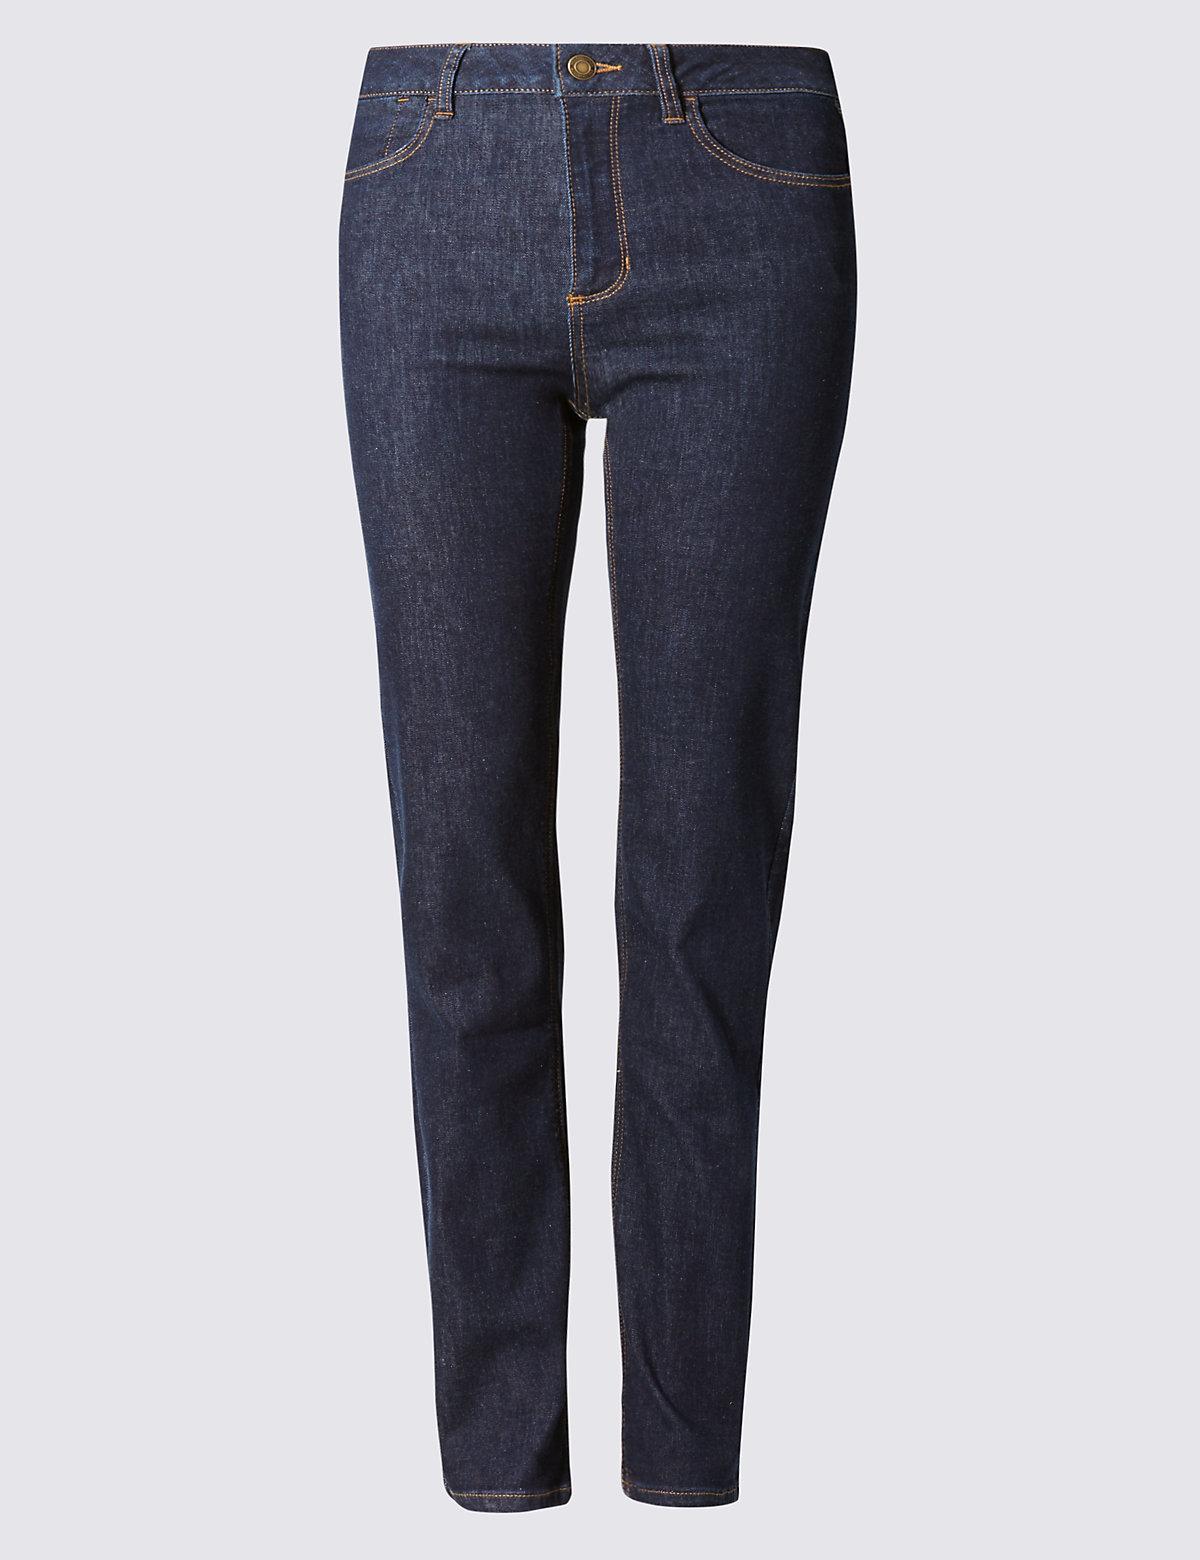 Прямые джинсы Sculpt & Lift с ретро-дизайном